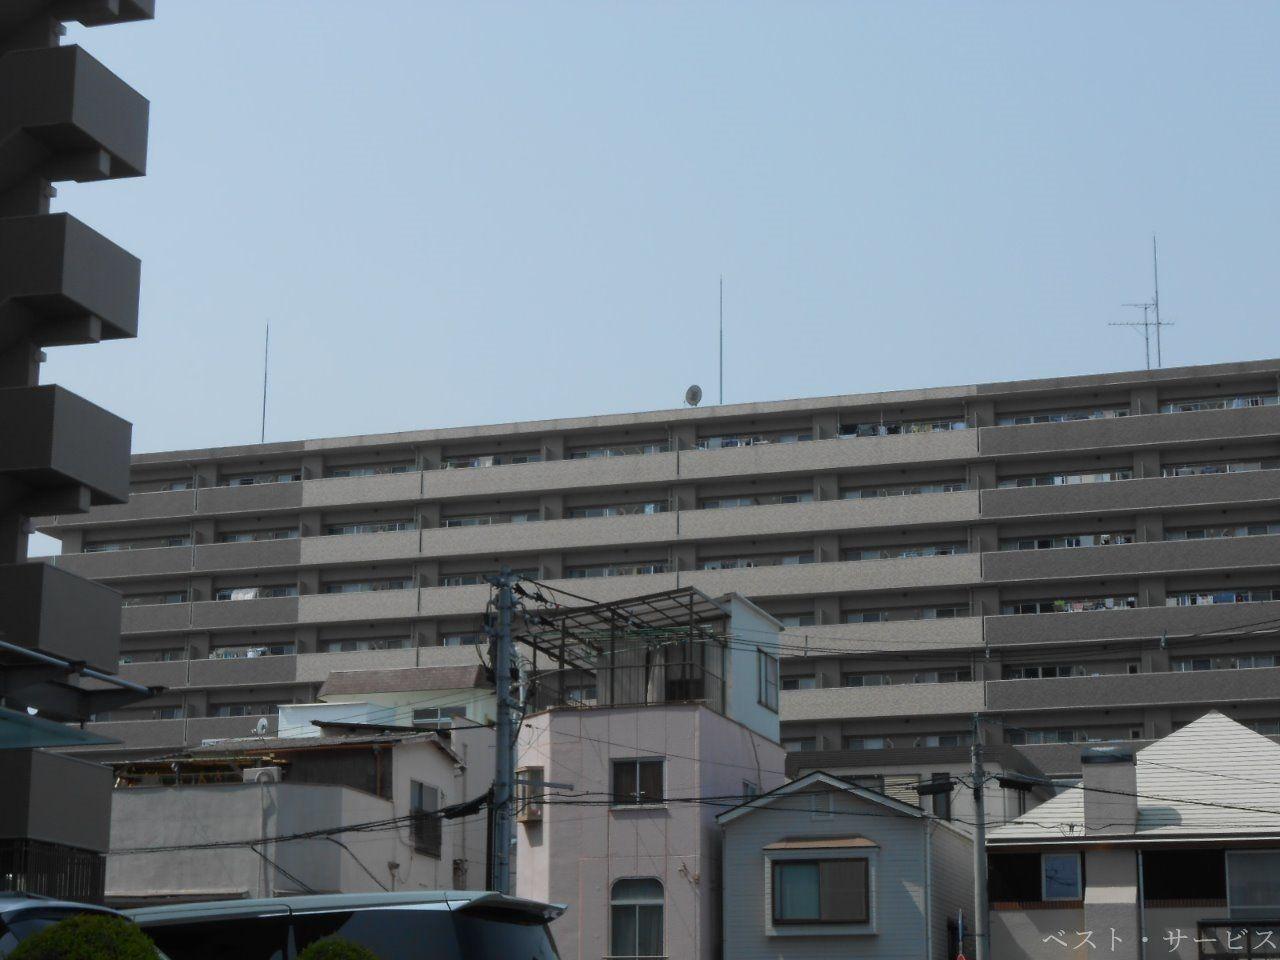 アルファステイツ岡山駅西